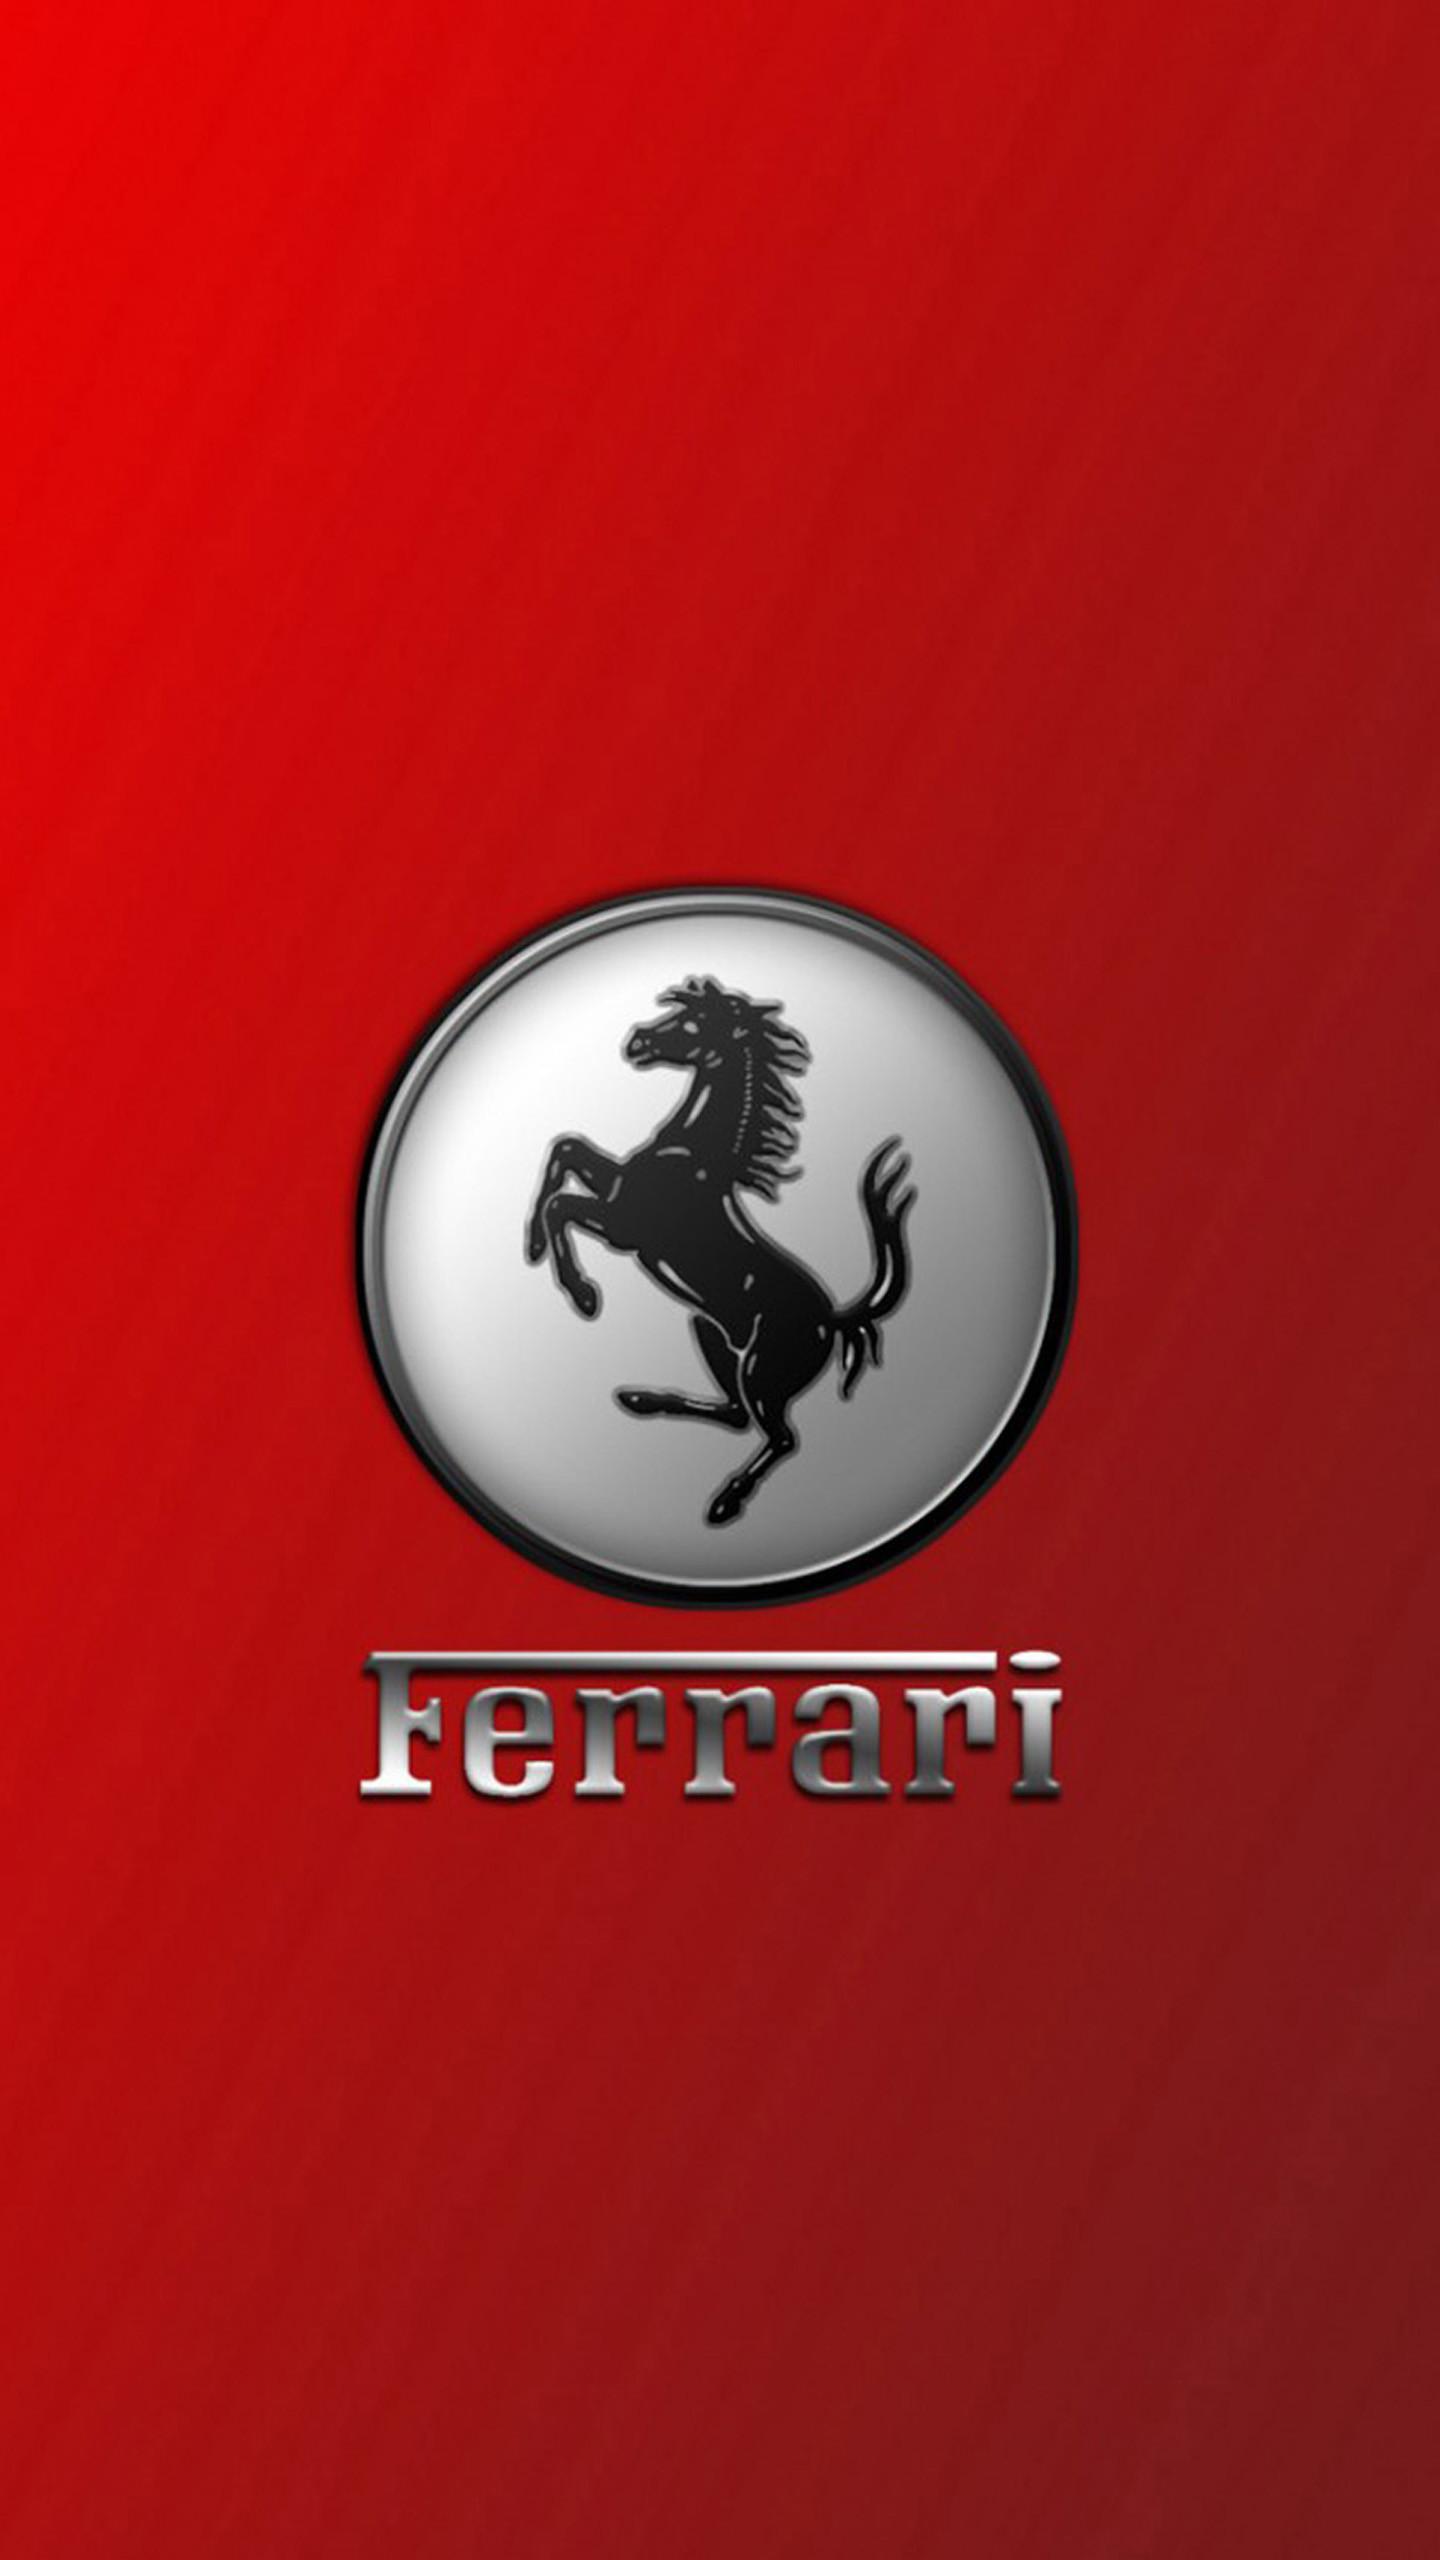 Download Ferrari Logo Wallpaper 1920X1080  Pics